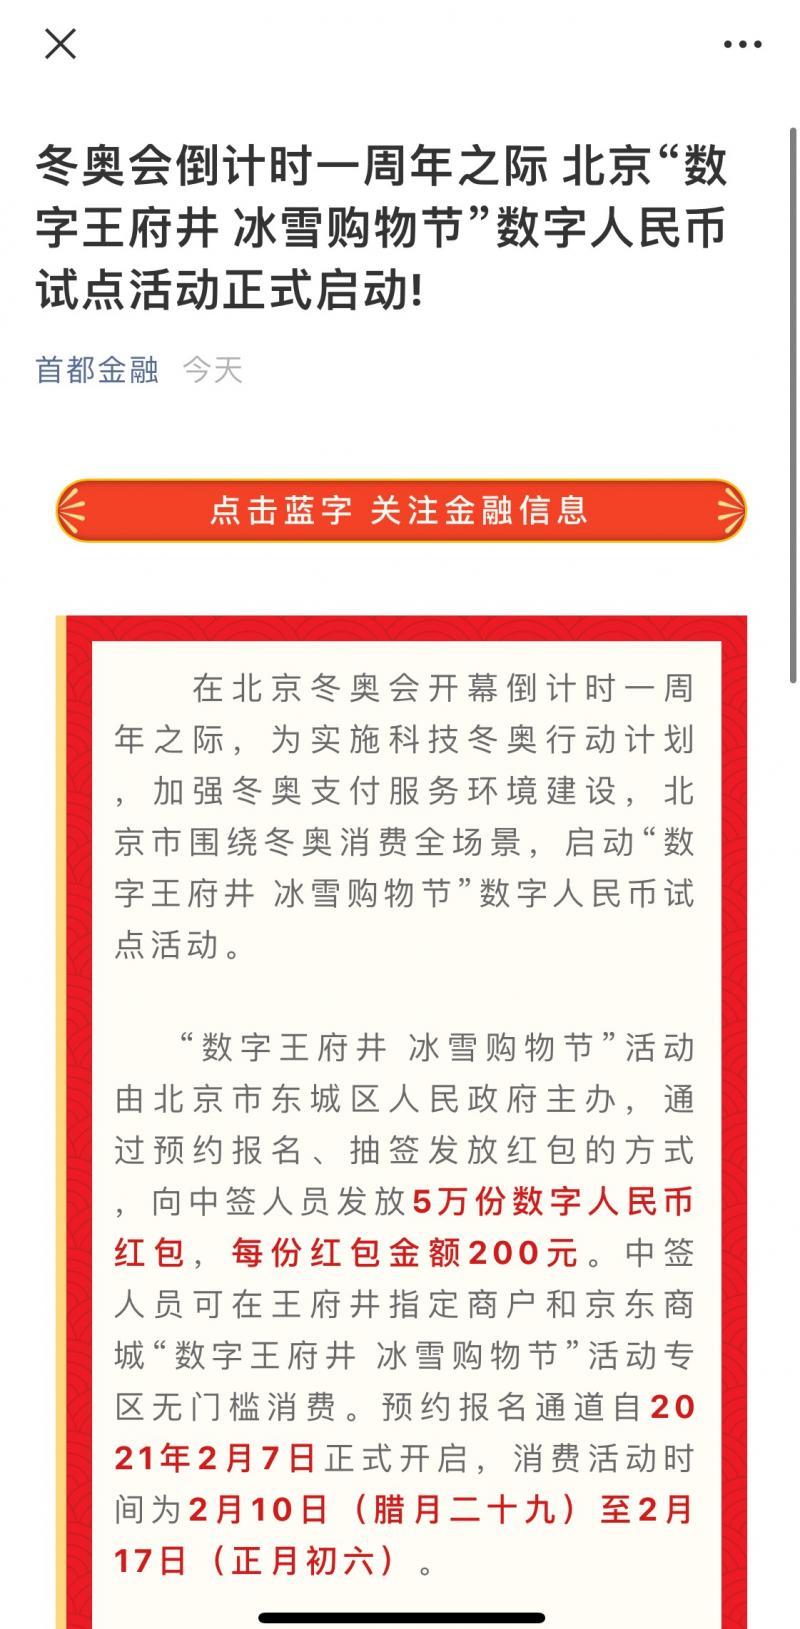 北京发放5万个数字人民币红包 可通过京东App预约申请